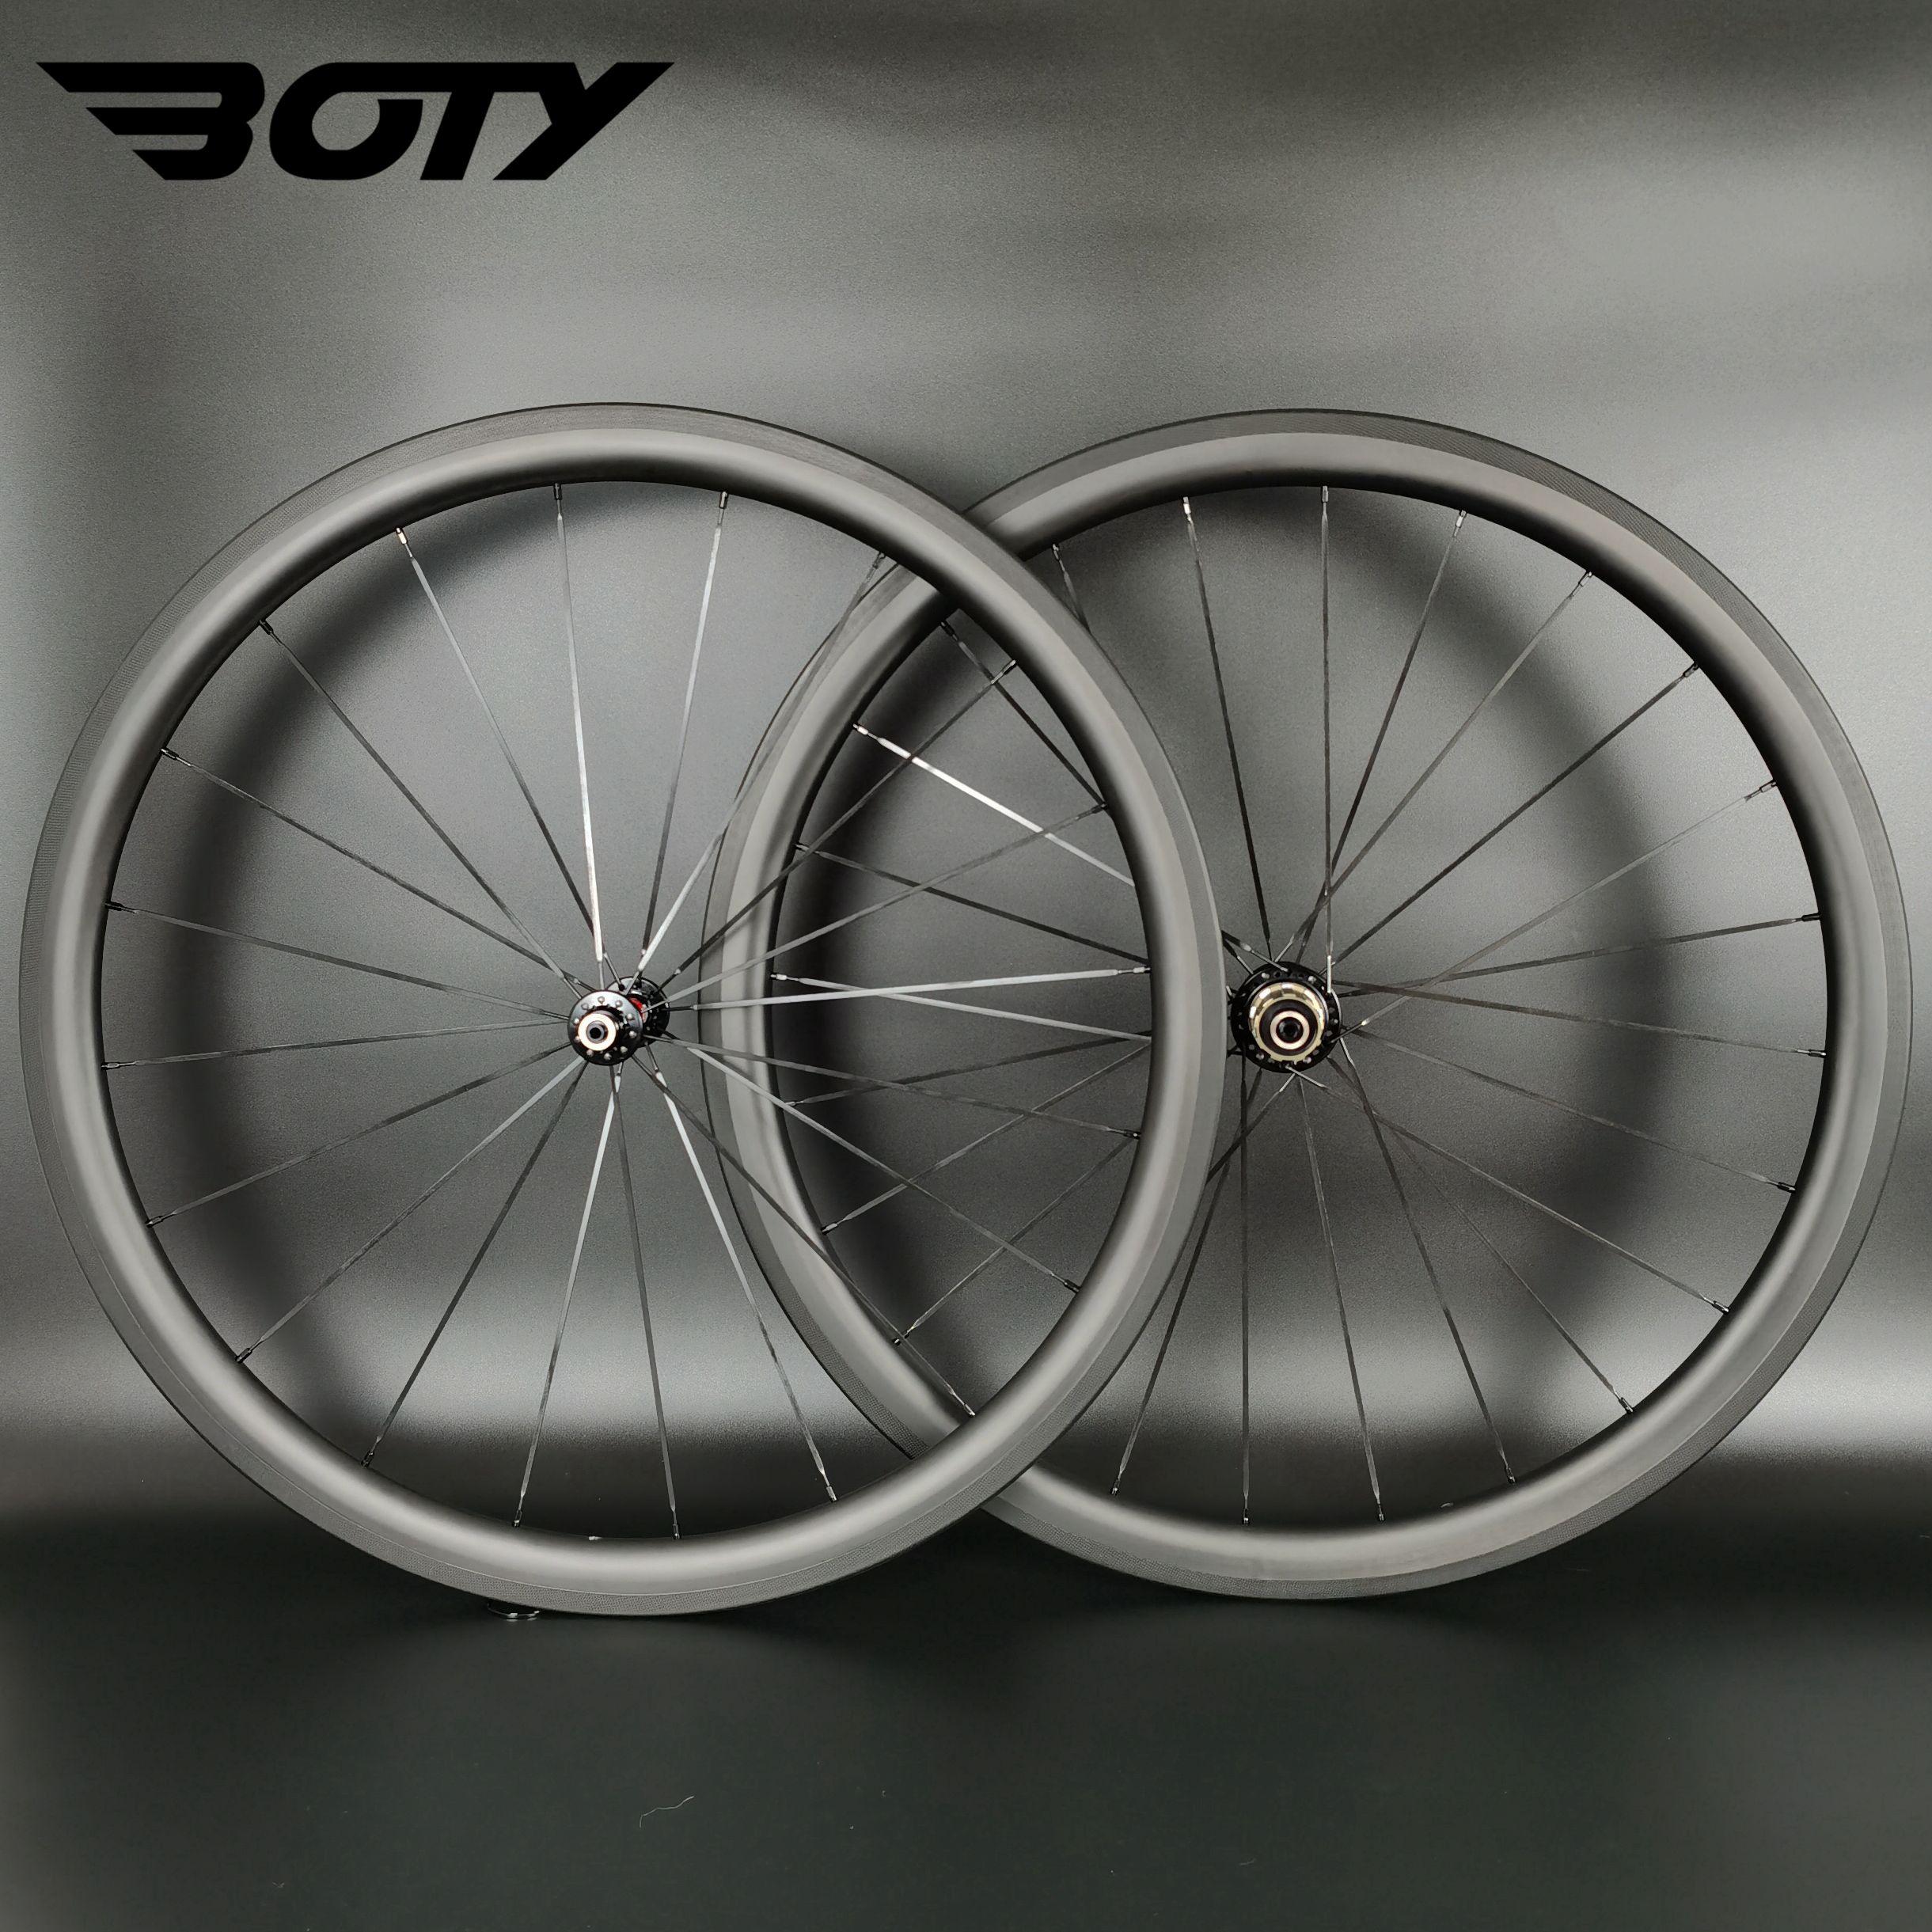 스프린트 초경량 등산 탄소 바퀴 38mm 깊이 25mm 폭, 클린 처 / 튜브리스 / 관 도로 자전거 탄소 바퀴 UD 매트 마무리